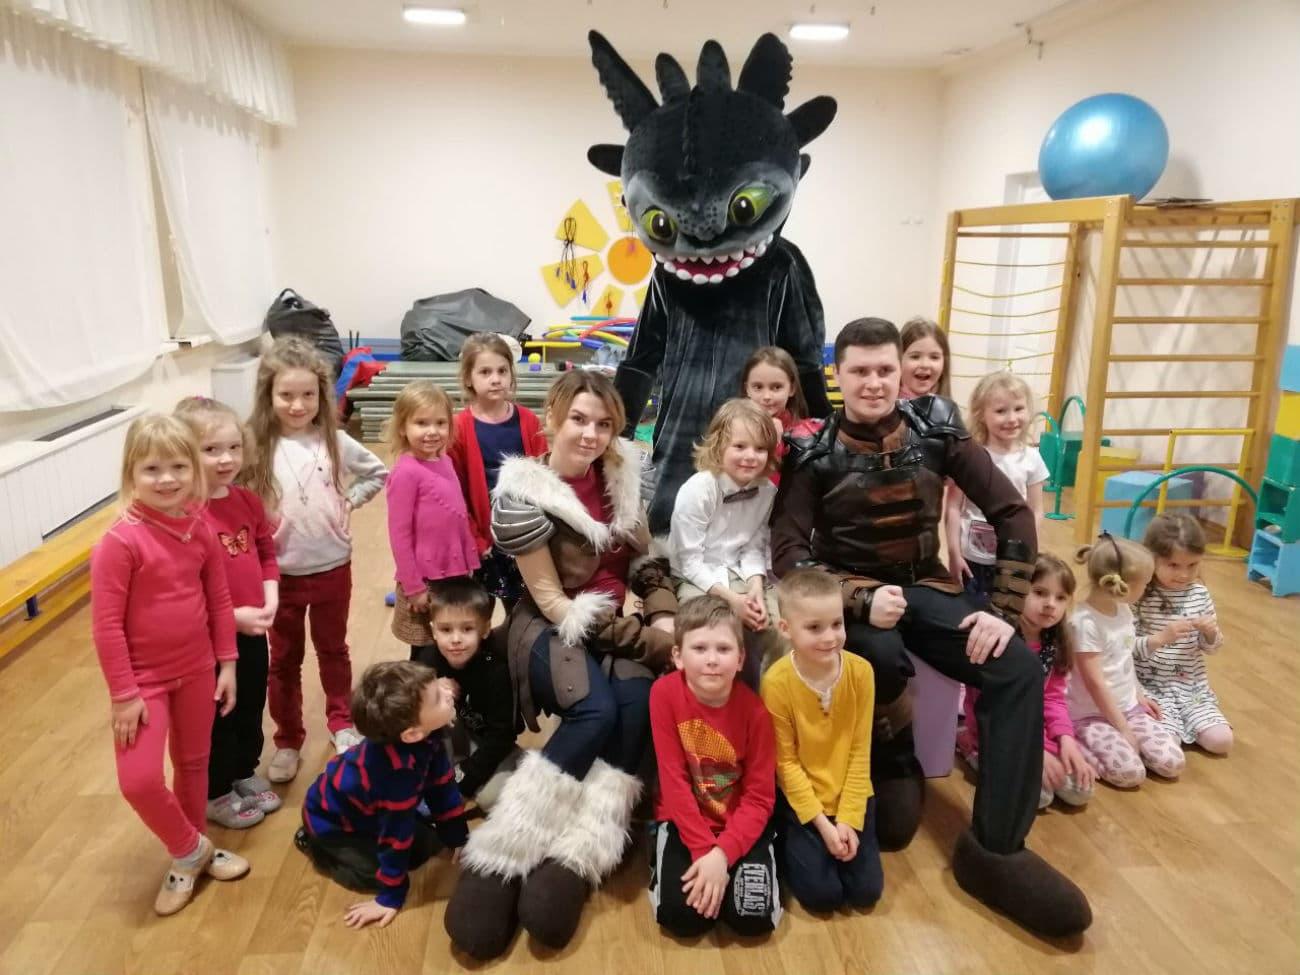 Организация дня рождения ребенка в детском саду в стиле Как приручить дракона